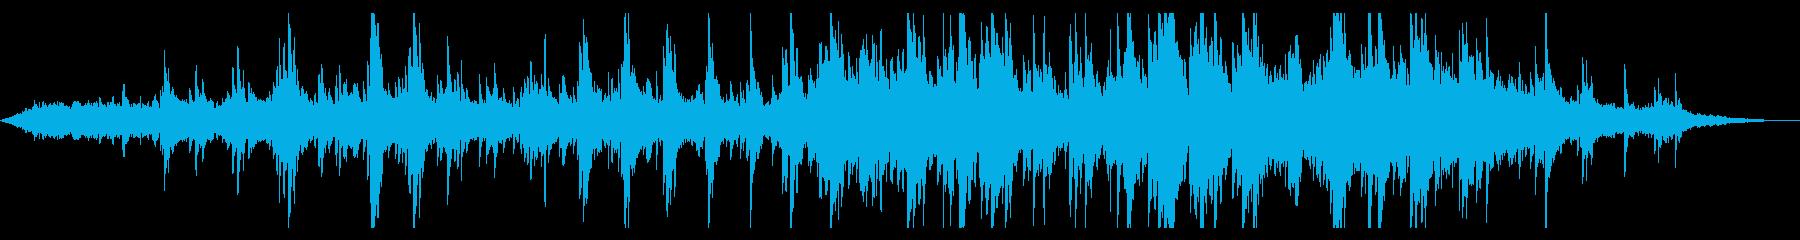 ドラマチックなピアノアンビエントの再生済みの波形